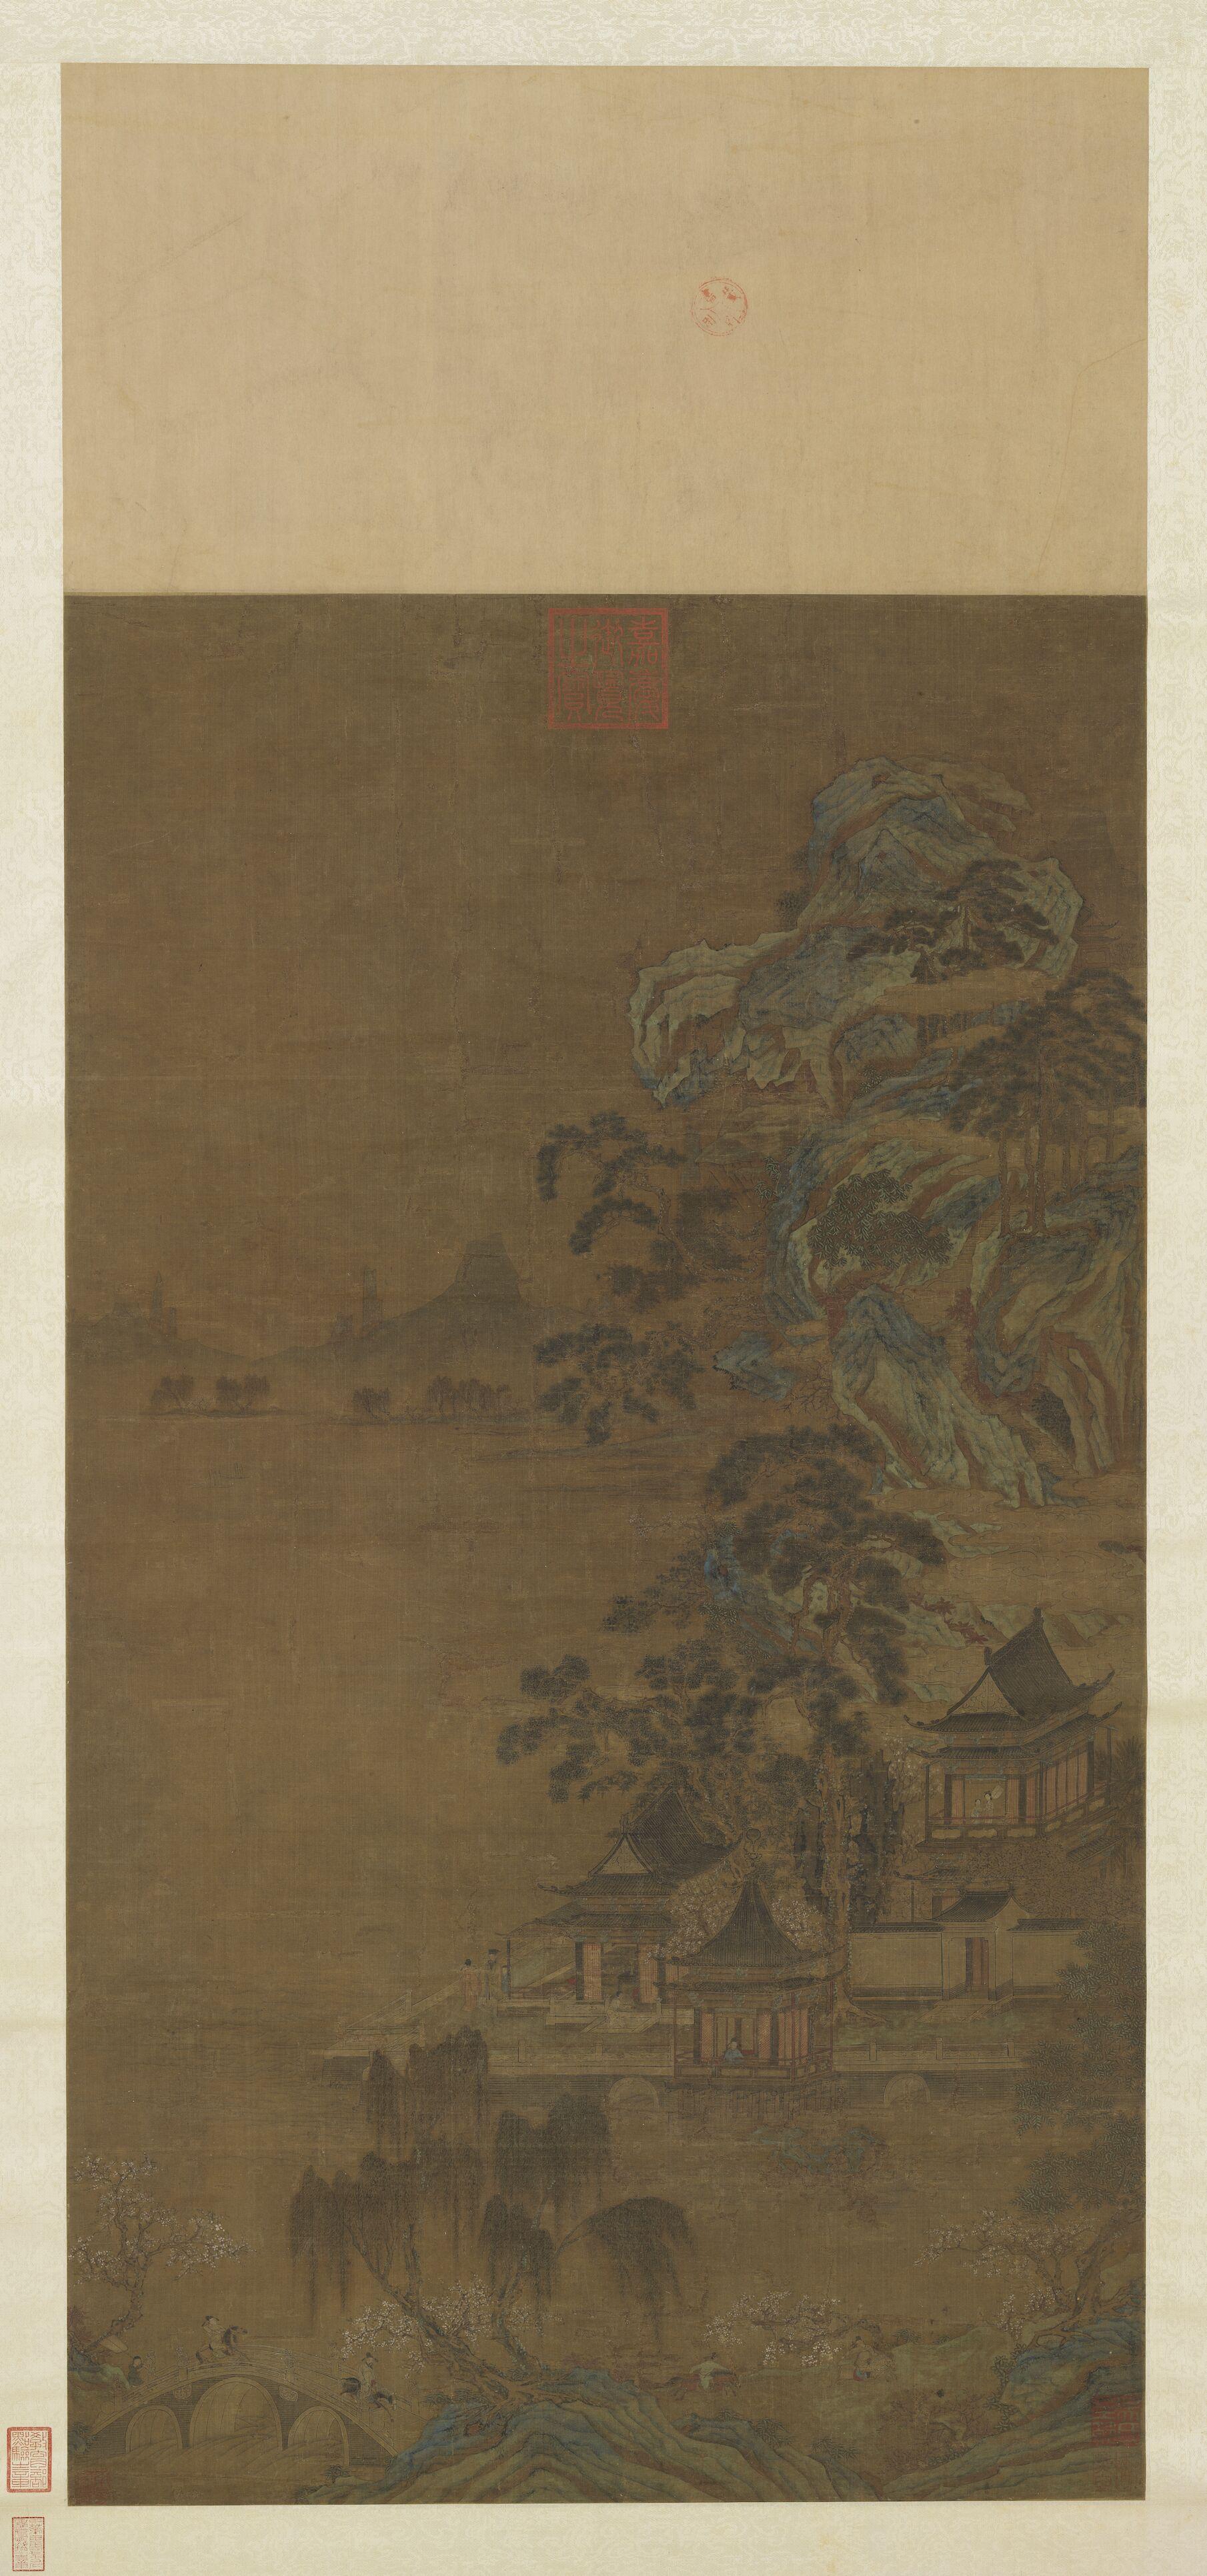 湖亭游骑轴 唐 李昭道 台北故宫博物院